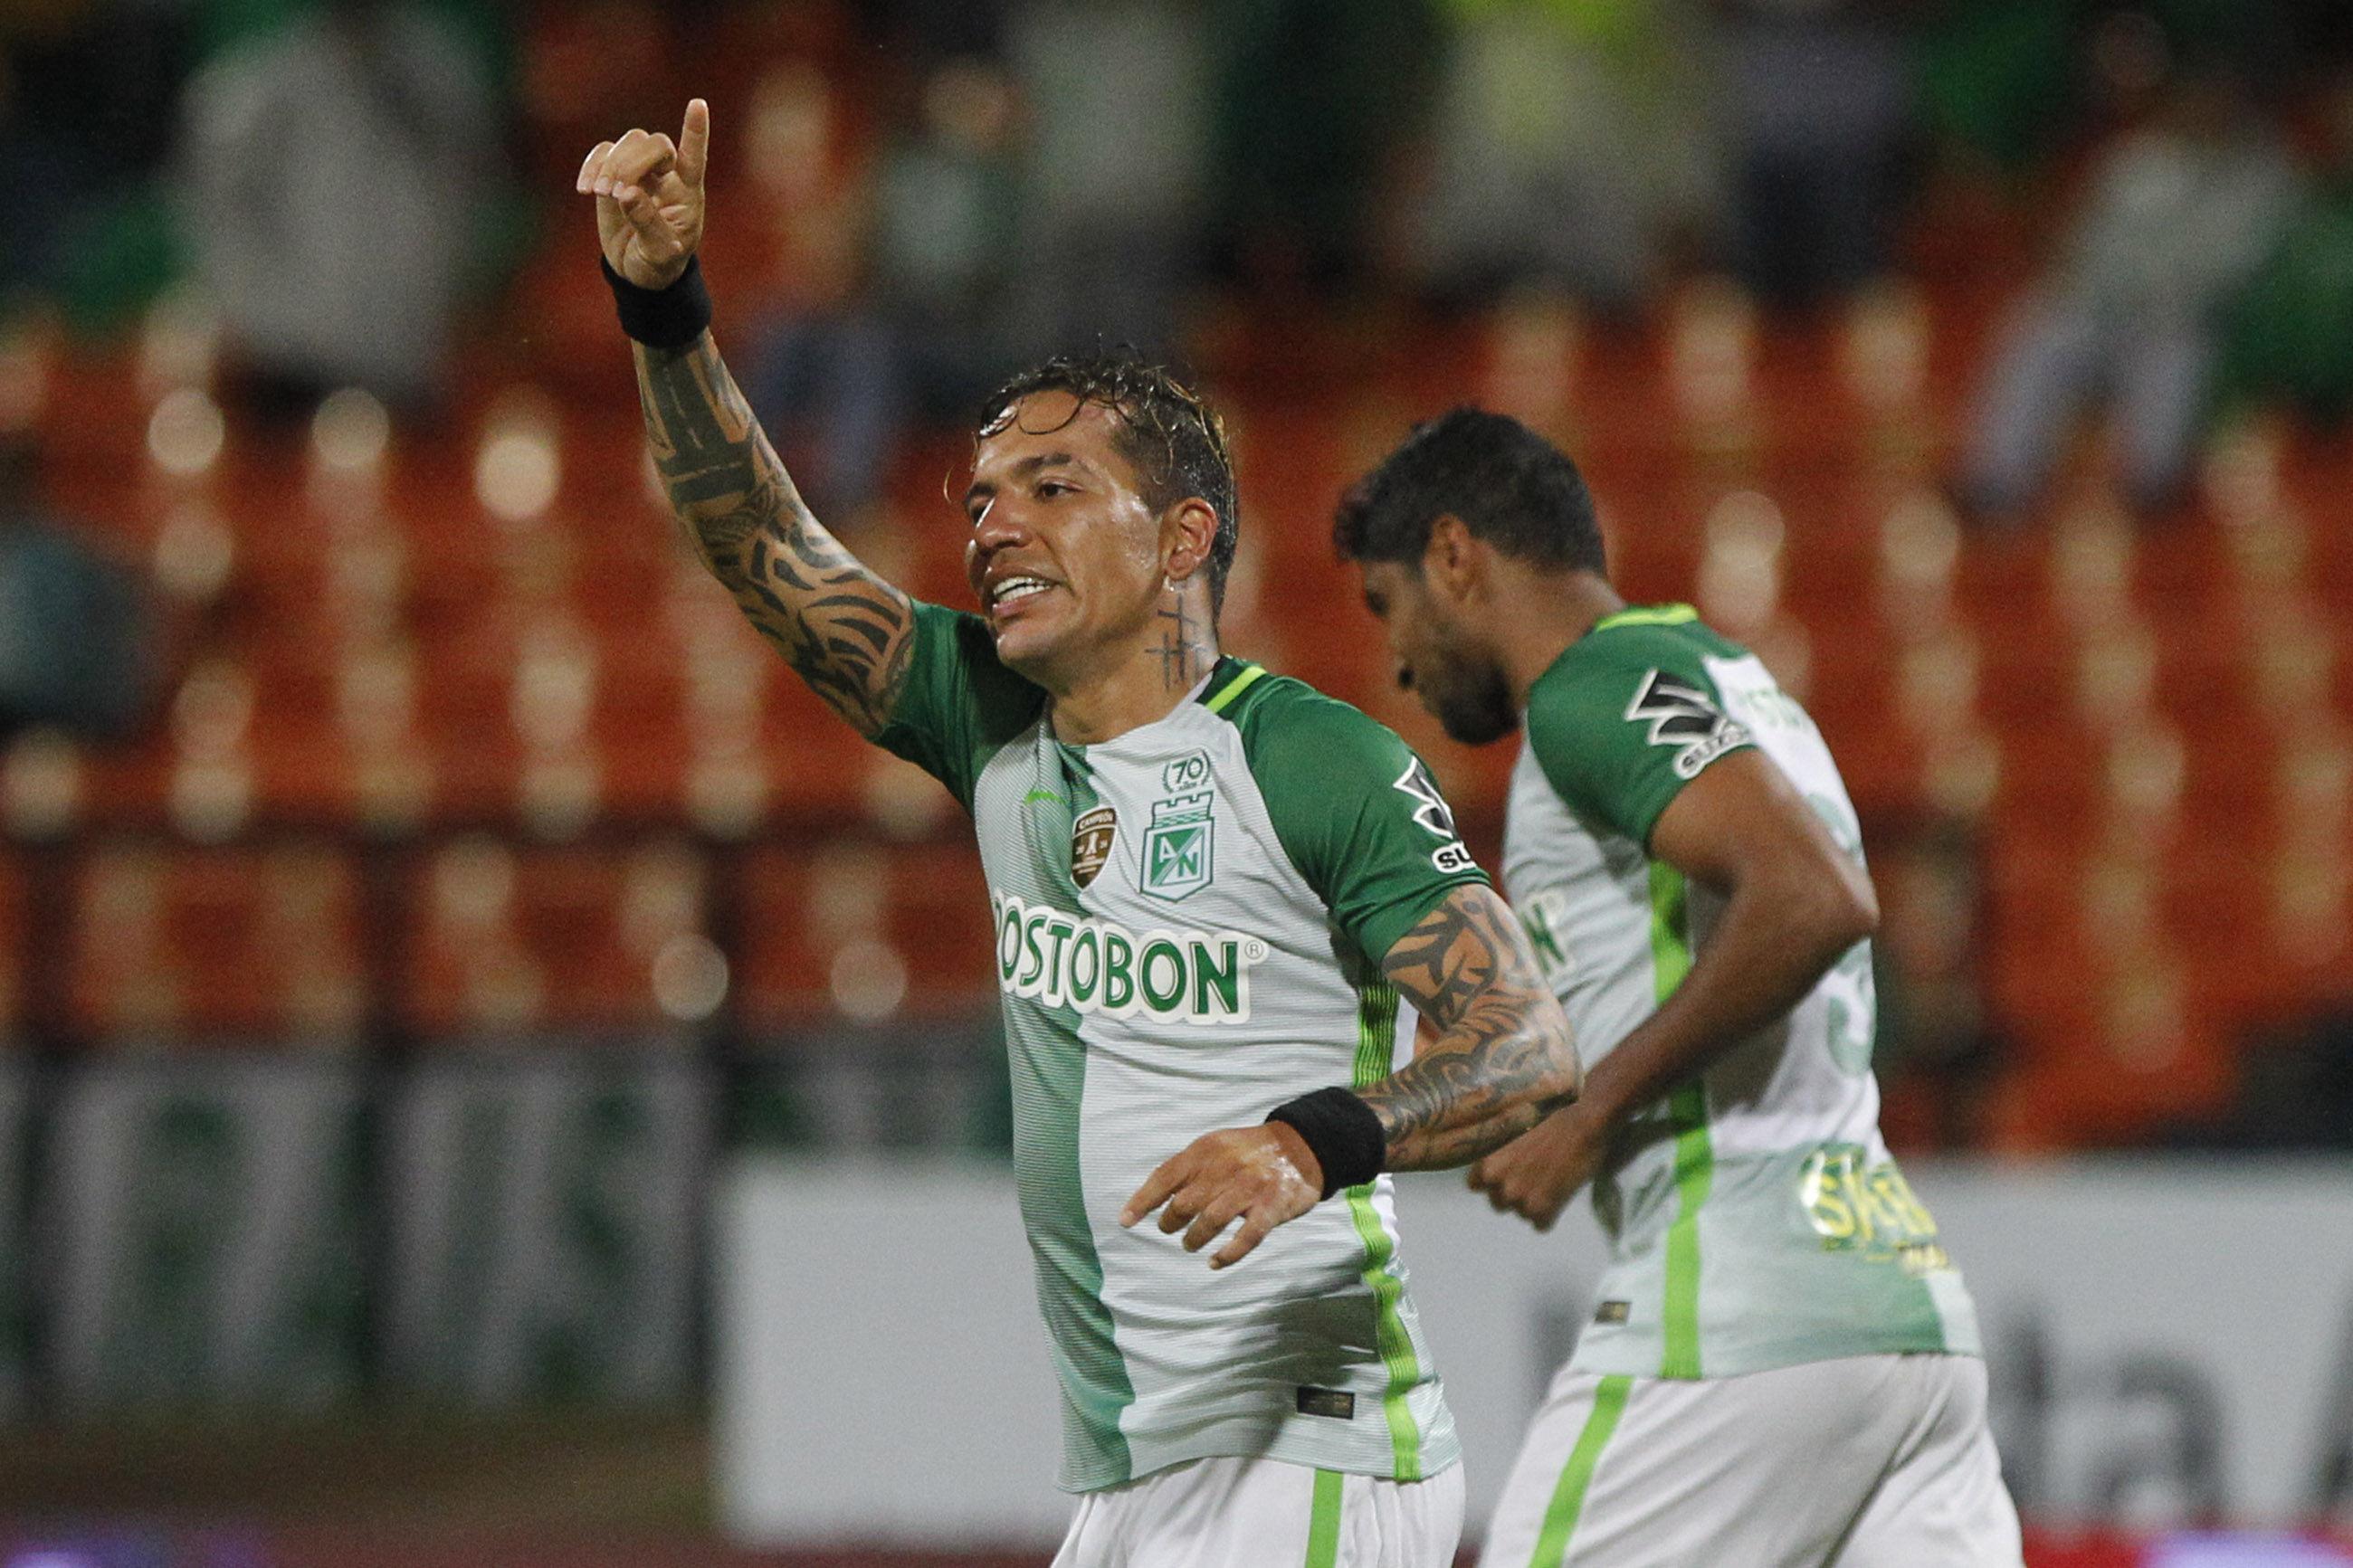 Nacional, sobre el final del partido, venció 2-1 a Bucaramanga